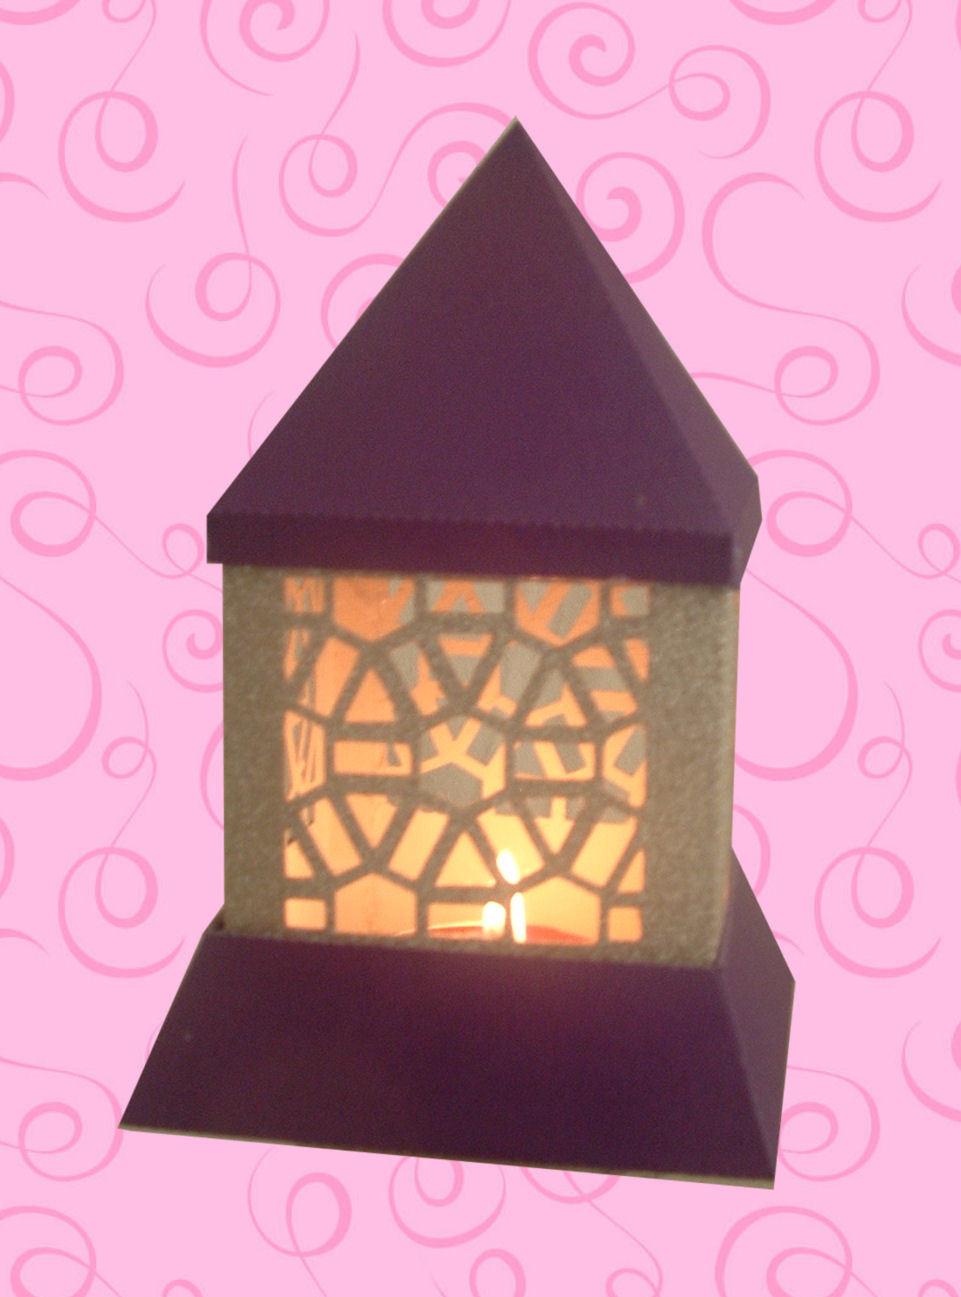 3d MINI  Luminaire - Lantern - Lamp - Hexagons Abstract